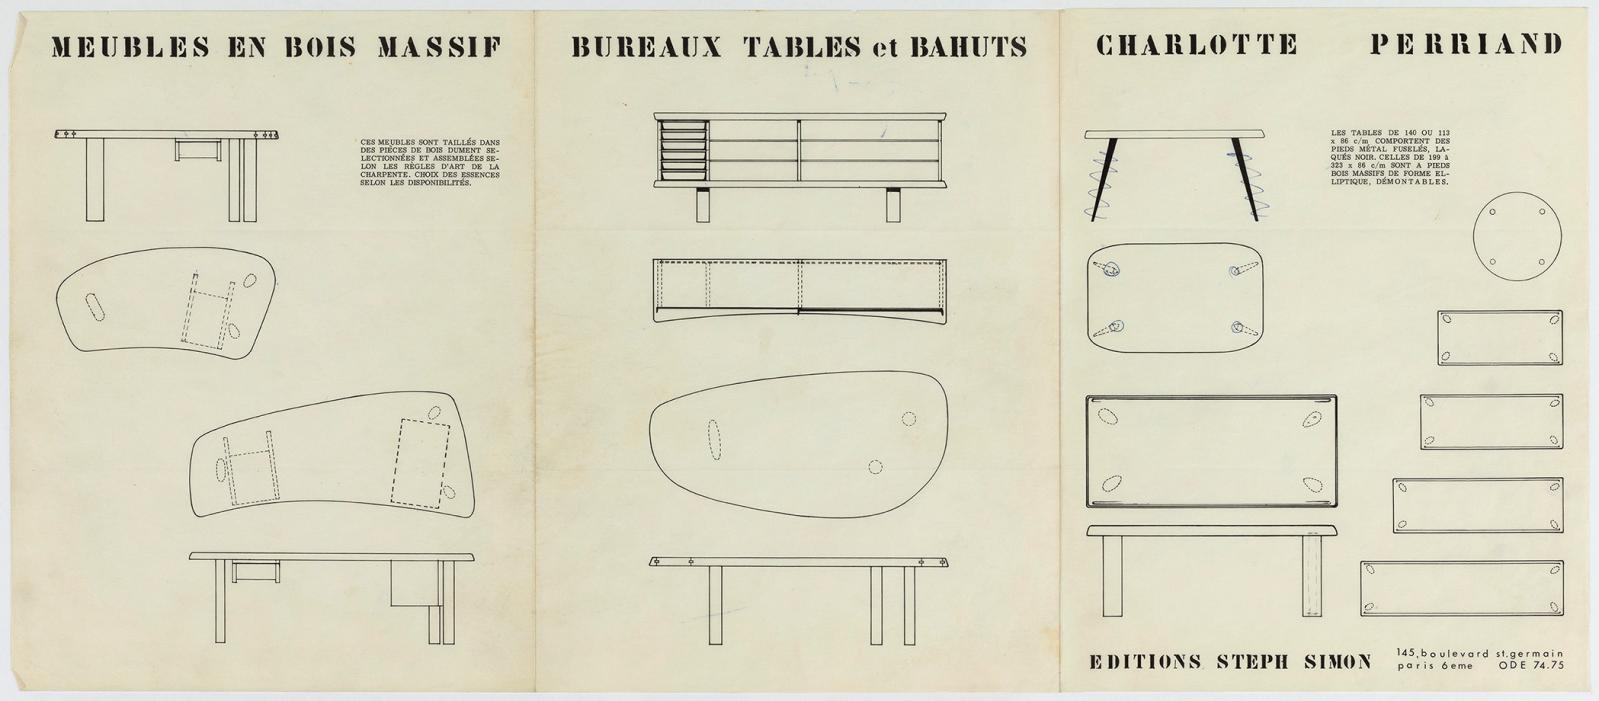 Dépliant mobilier Charlotte Perriand, édition Steph Simon, vers 1965.